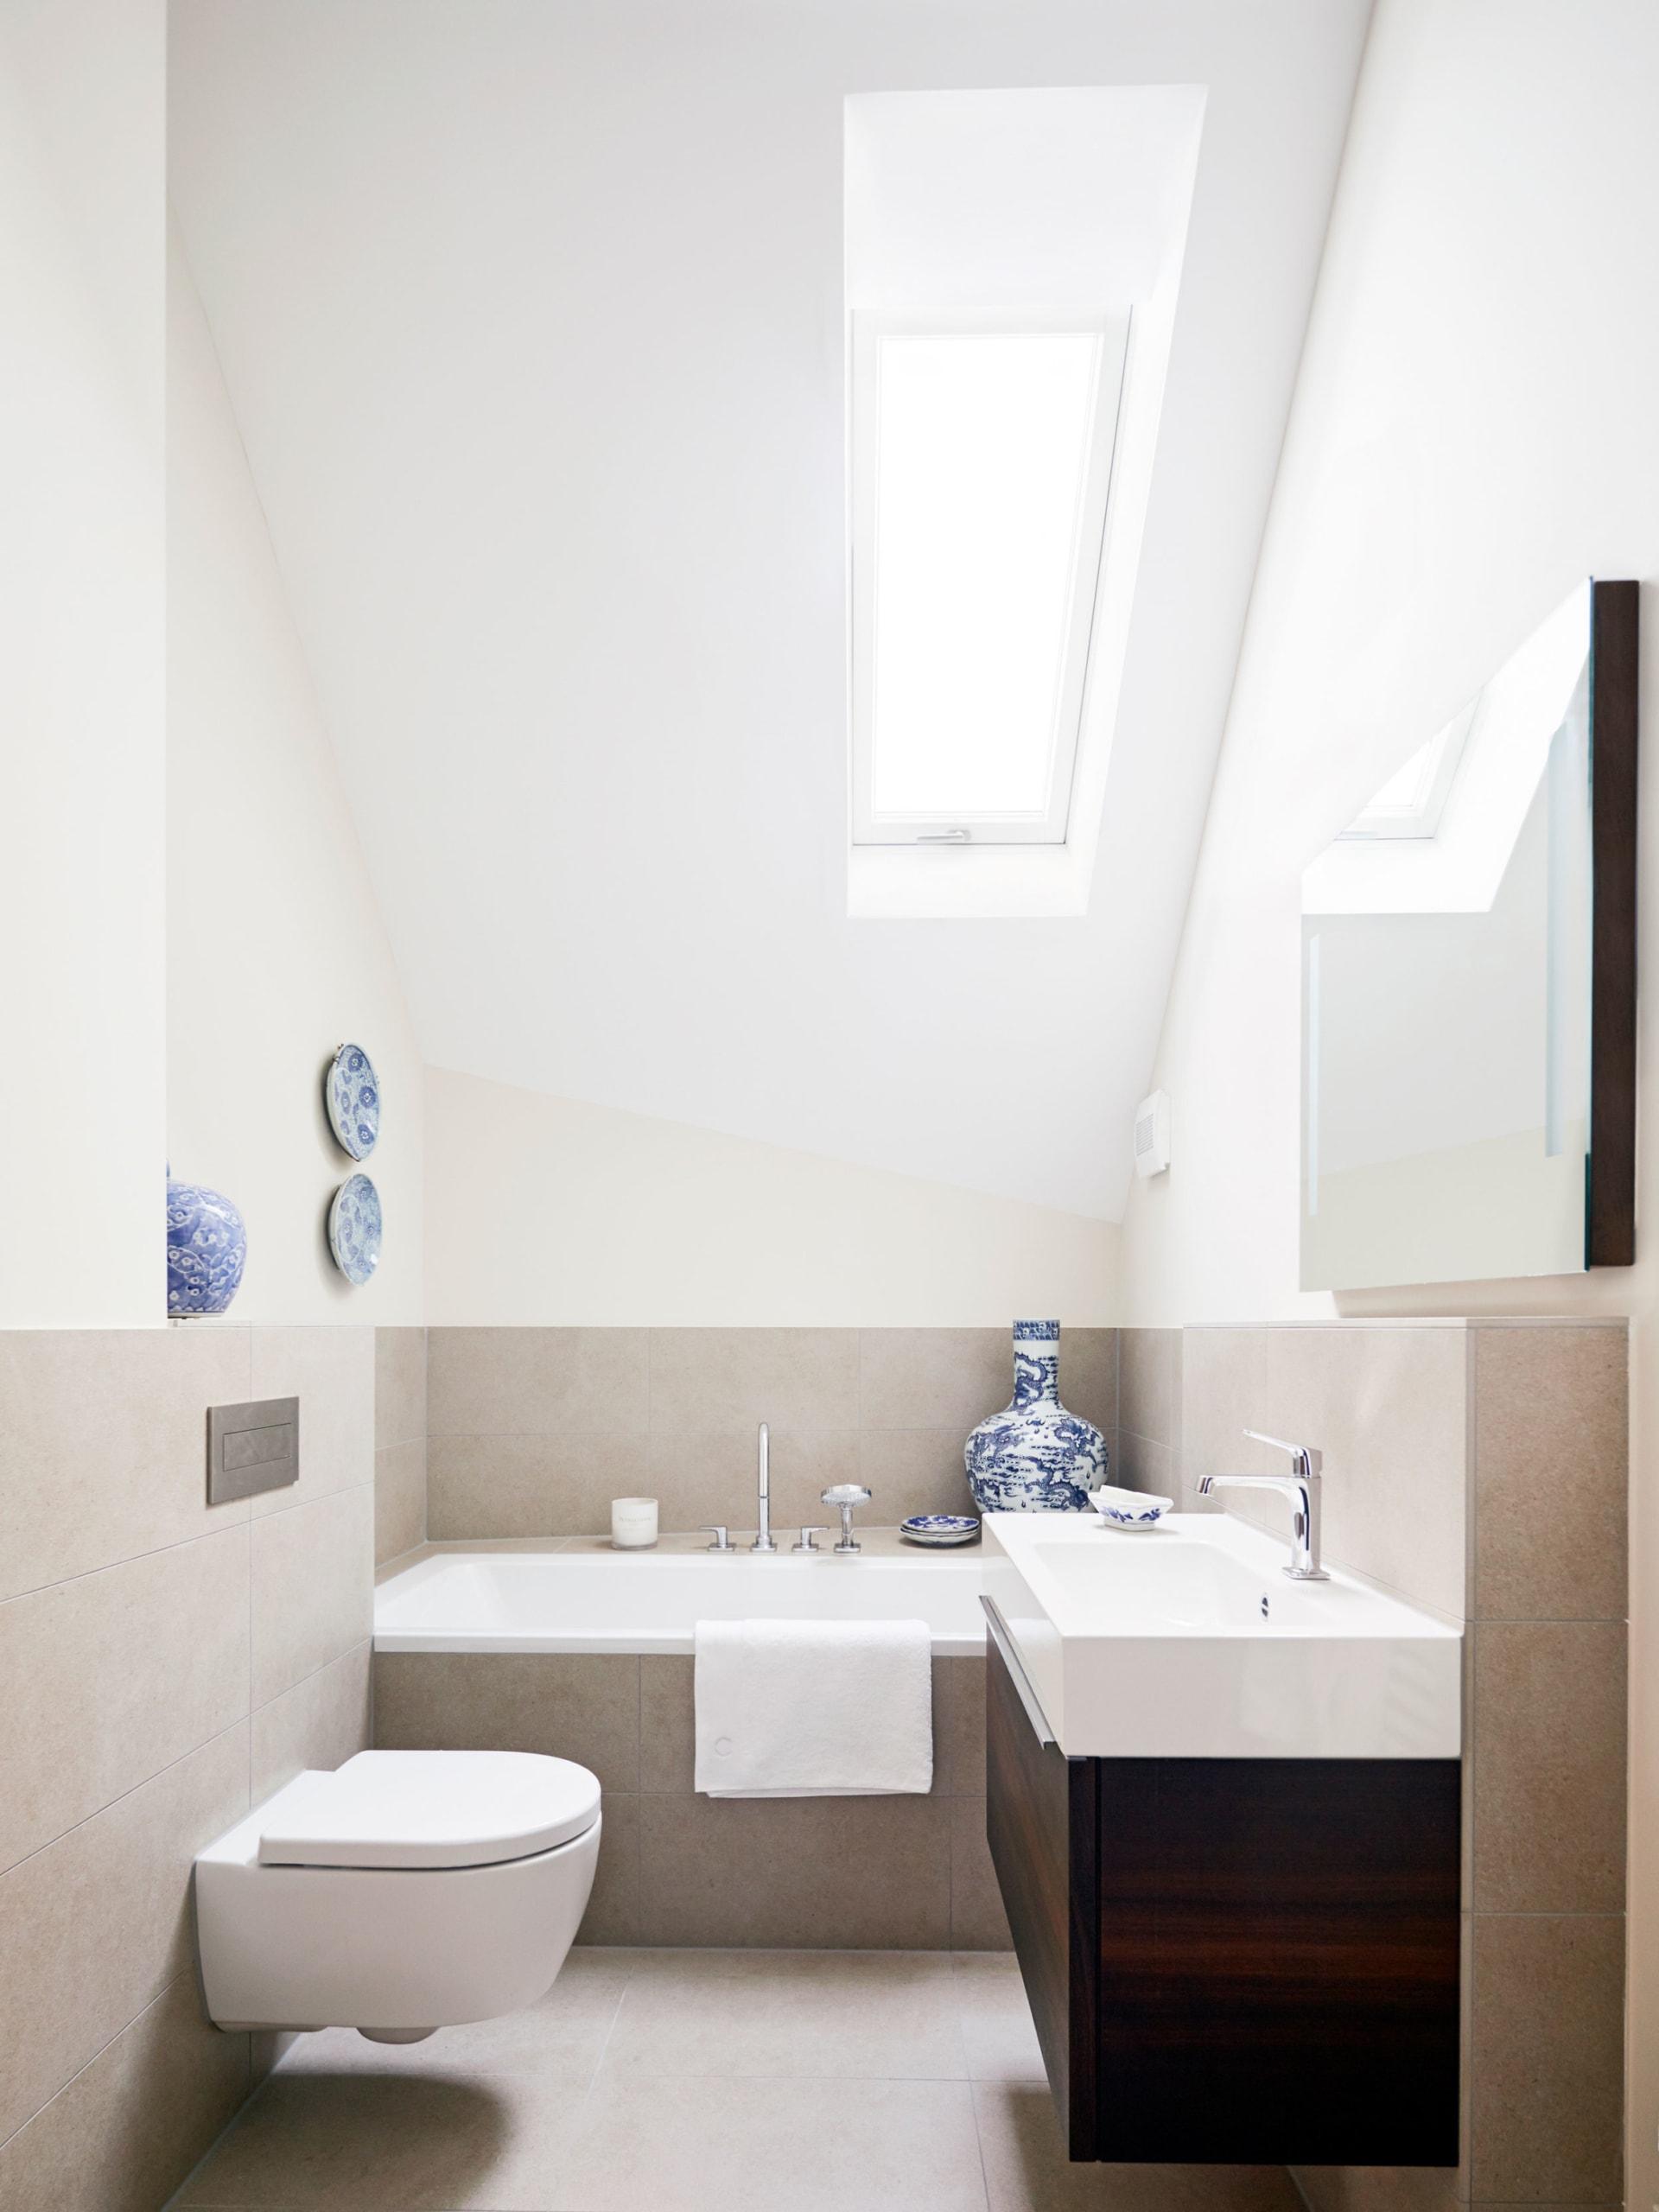 Badezimmer modern mit Badewanne unter Dachschräge - Inneneinrichtung Haus Design Ideen innen Baufritz Landhaus LLOYD WEBBER - HausbauDirekt.de